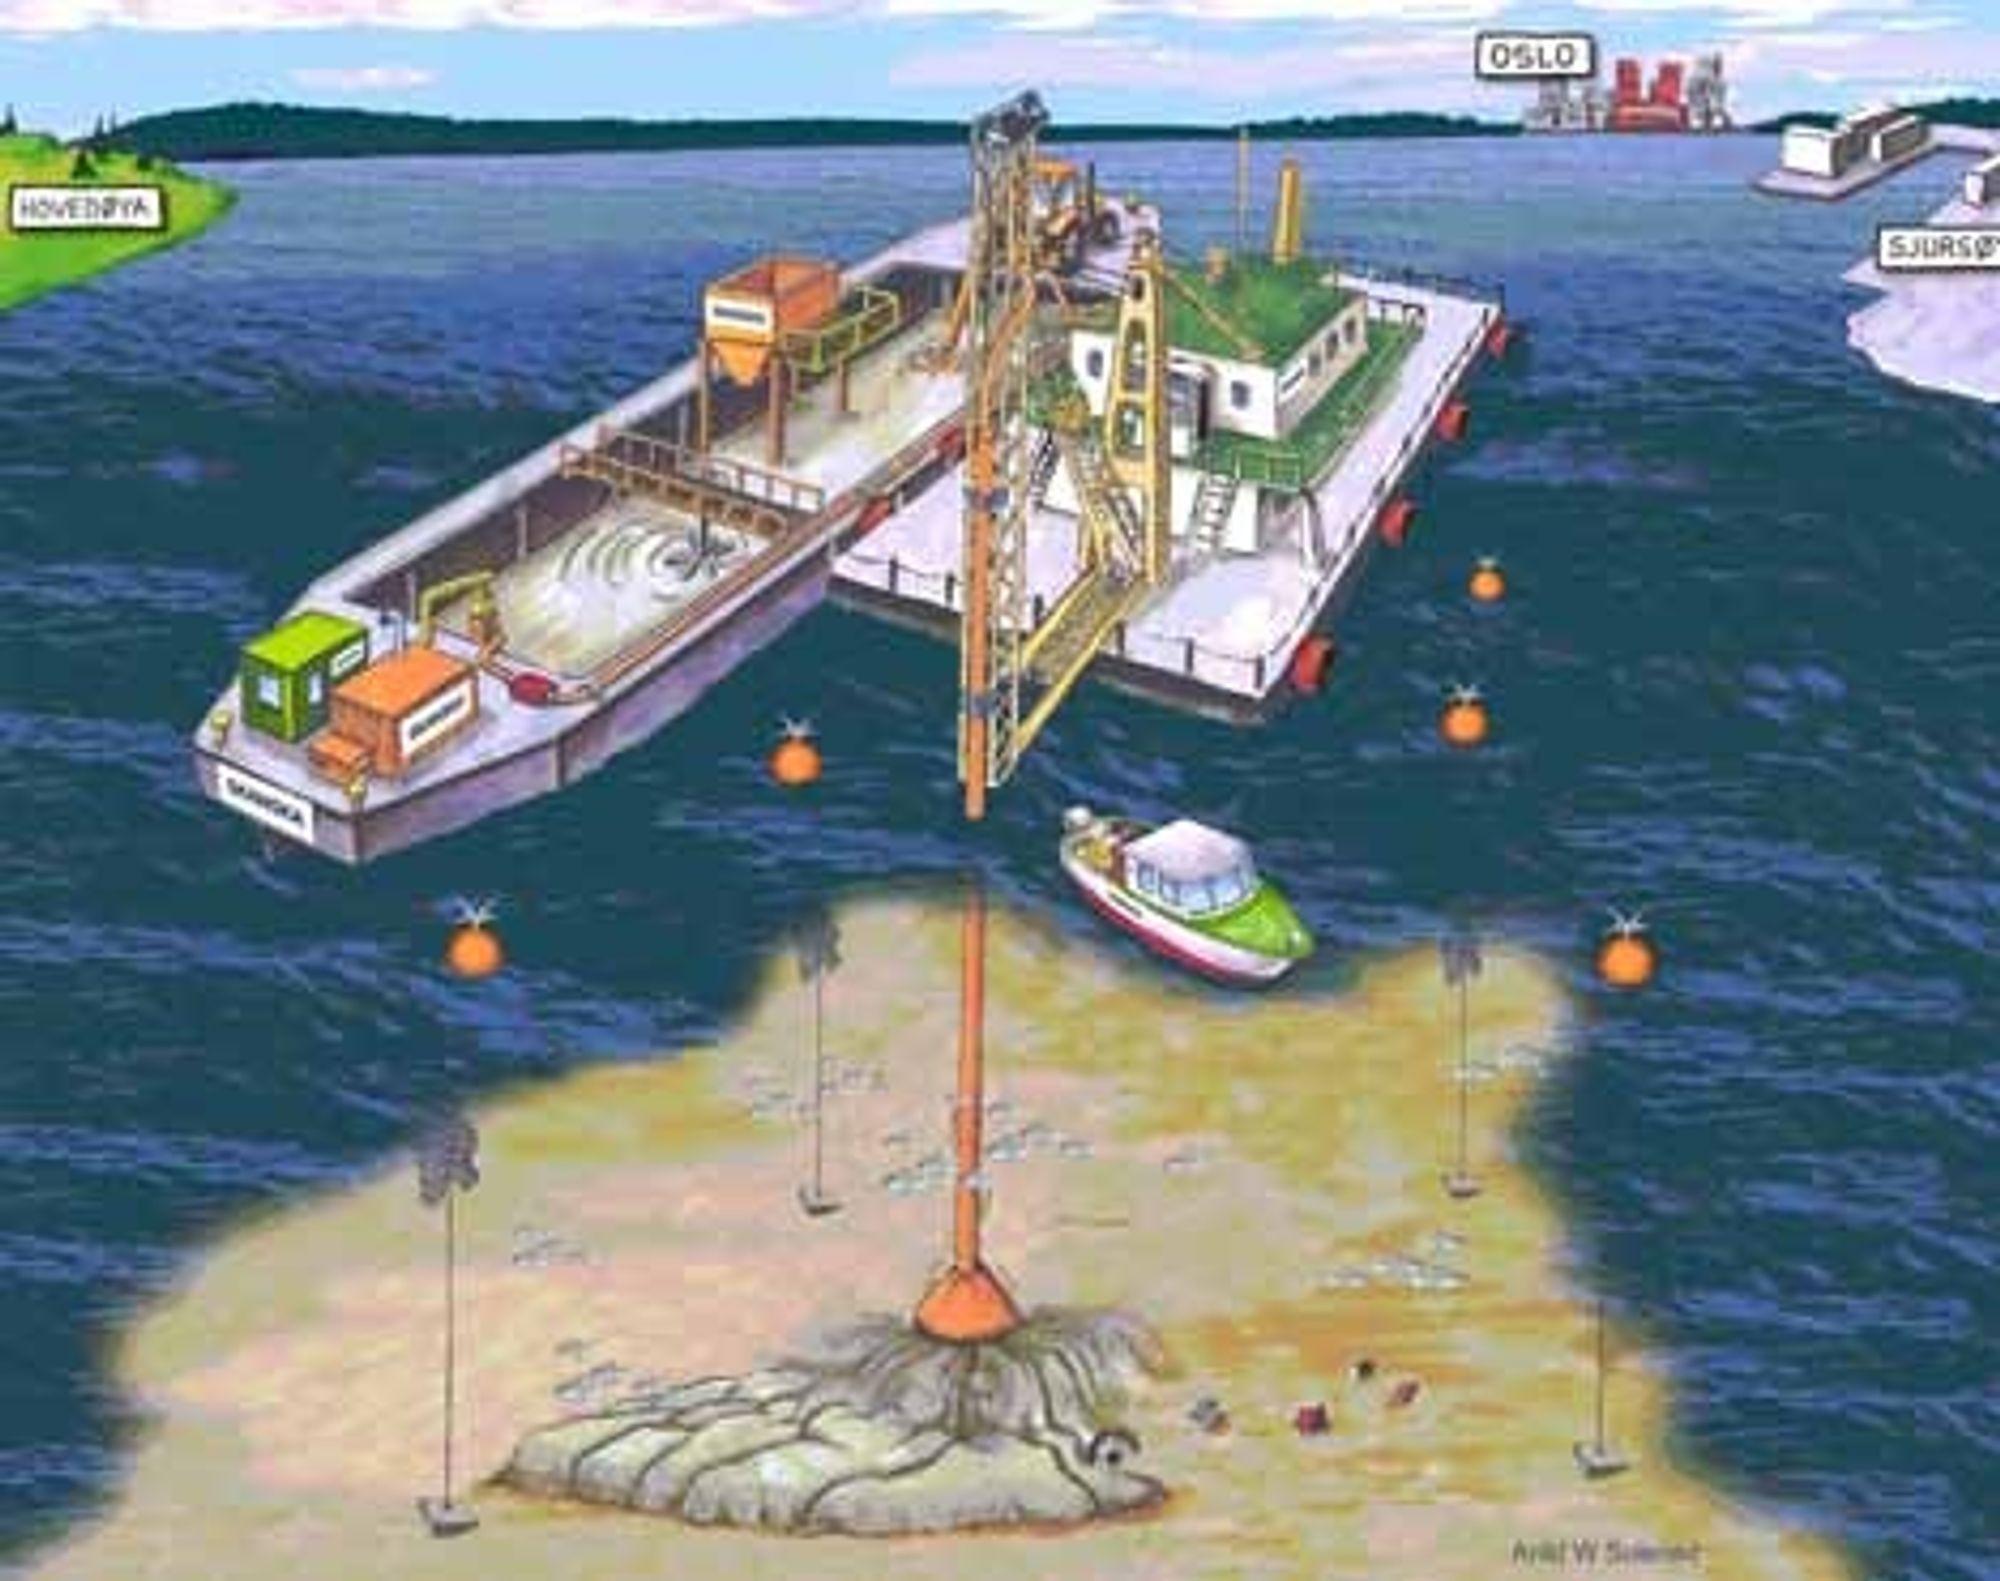 ISOLERER: Tegningen viser hvordan rene leirmasser skal legges ut i Oslo havn og isolere den forurensede sjøbunnen. Rene leirmasser kommer fra utgravingen av grøfta for den nye Bjørvikatunnelen. TEGNING: SKANSKA